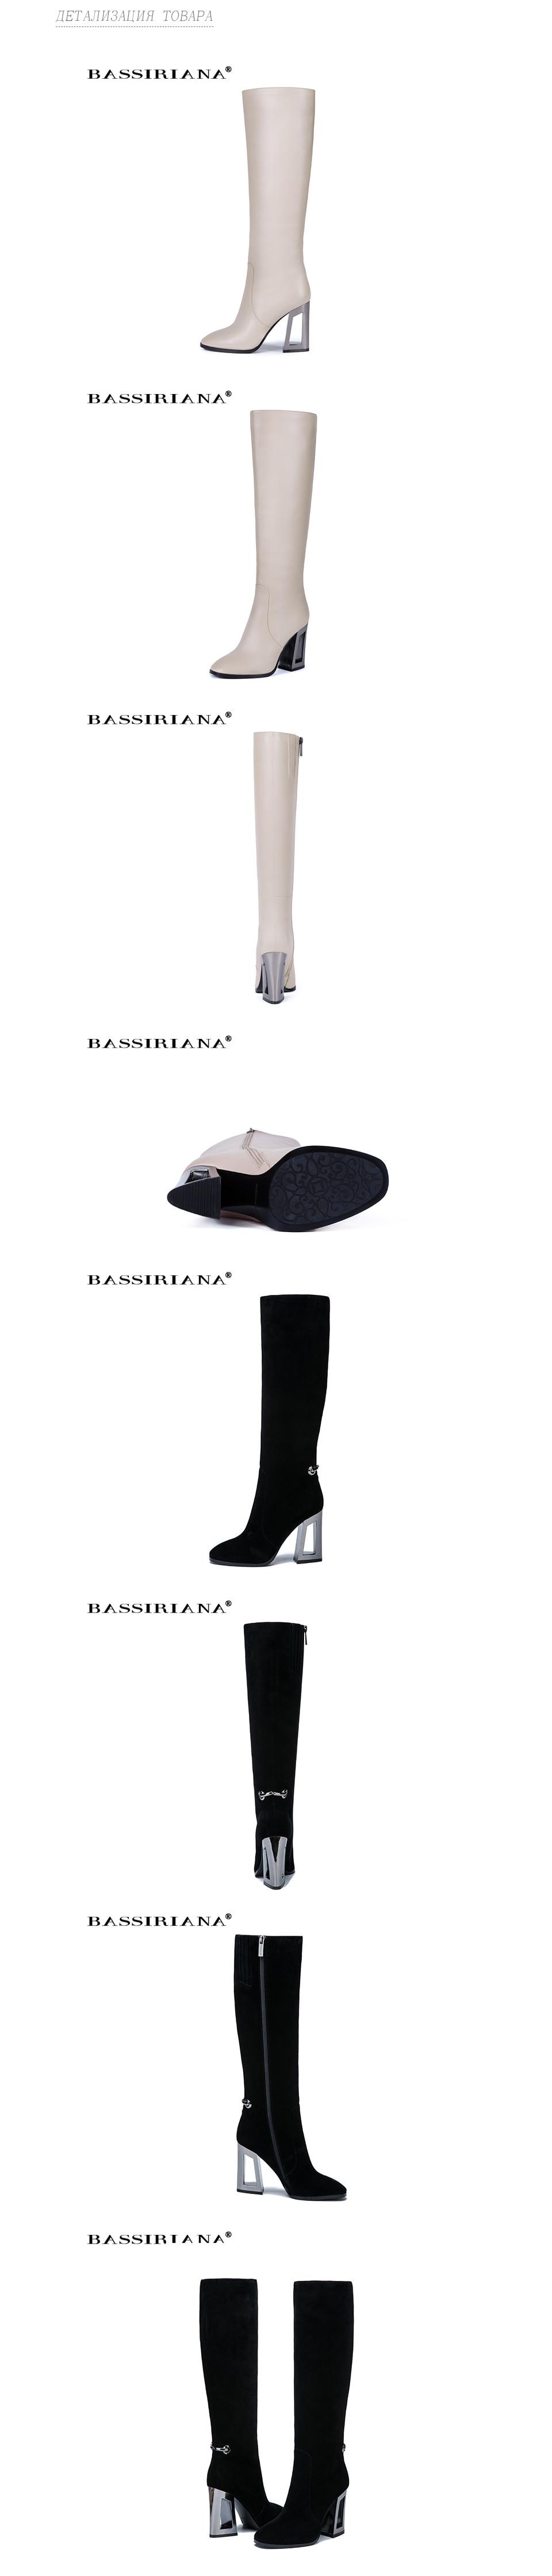 BASSIRIANA nuevo cuero genuino botas altas zapatos de tacón alto alto tacón fb3ecb